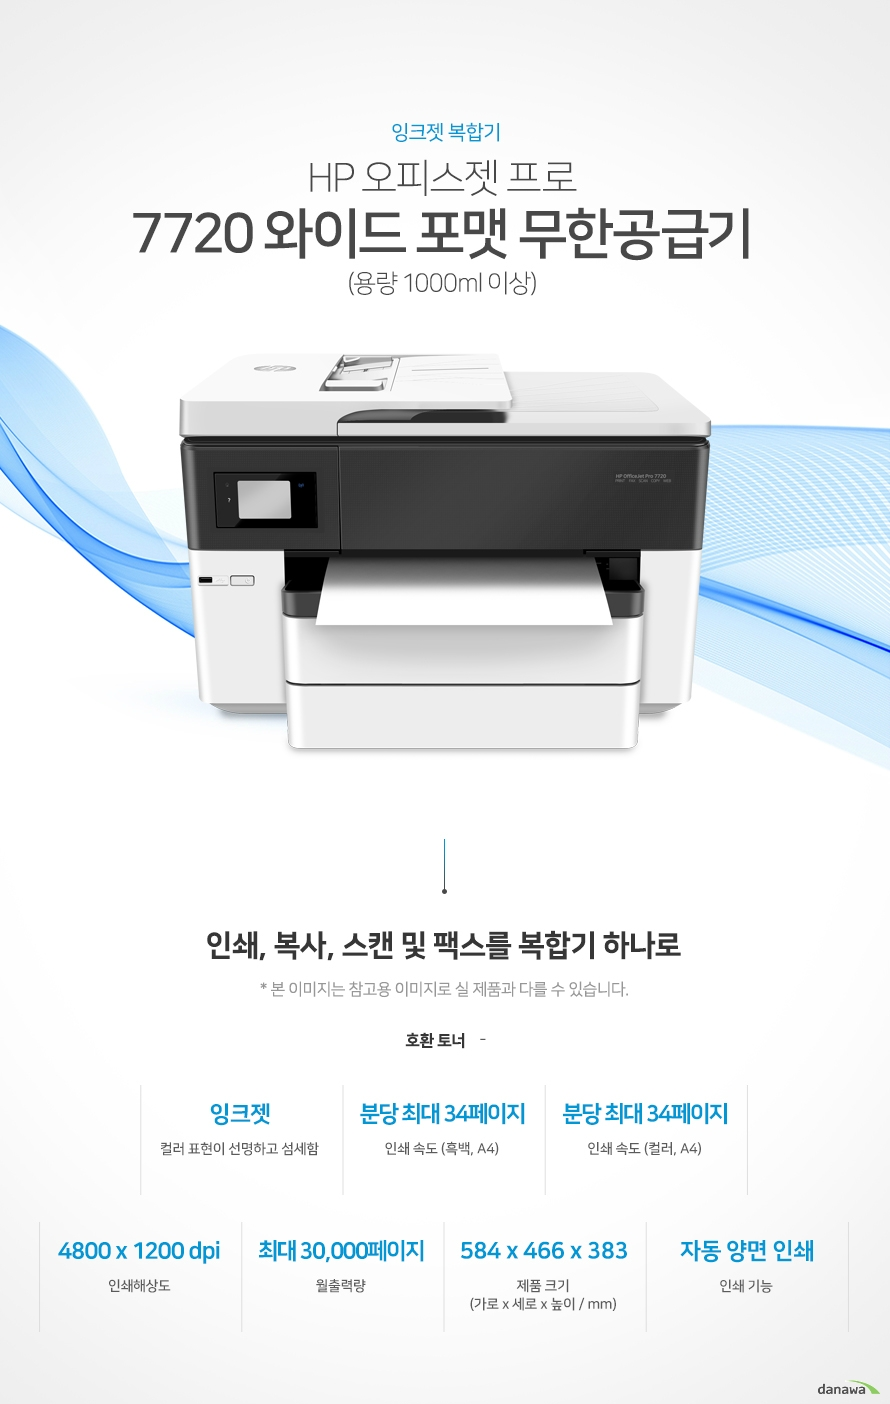 잉크젯 복합기 HP 오피스젯 프로 7720 와이드 포맷 무한공급기 (용량 1000ml 이상)  인쇄, 복사, 스캔 및 팩스를 복합기 하나로 호환토너 - 잉크젯 컬러 표현이 선명하고 섬세함 / 인쇄 속도 (흑백, A4) 분당 최대 34페이지 / 인쇄 속도 (컬러, A4) 분당 최대 34페이지 / 인쇄해상도 4800 x 1200 dpi / 월출력량 최대 30,000페이지 / 제품 크기 (mm) 가로584 x 세로466 x 높이 383 / 인쇄 기능 자동 양면 인쇄    최대 34ppm의 빠른 인쇄 속도 다양한 문서에 대한 빠른 인쇄로 가정, 학교, 사무실 등 어느 환경에서나 답답함 없이 문서를 출력하실 수 있습니다.  *ppm: pages per minute (1분에 출력하는 페이지 수) 흑백 출력 속도 34ppm / 컬러 출력 속도 34ppm / 흑백 첫 장 인쇄 9초 / 컬러 첫 장 인쇄 10초  어느 공간에나 어울리는 컴팩트한 사이즈 컴팩트한 사이즈로 다양한 환경에서 부담없이 설치하고 효율적으로 배치시킬 수 있습니다.  (mm) 가로584 x 세로466 x 높이 383 용지 소모를 줄일 수 있는 자동 양면 인쇄 일일이 종이를 뒤집지 않고도 종이 양면에 인쇄를 할 수 있습니다. 용지소모를 반으로 줄일 수 있어 경제적이며, 종이 낭비도없앨 수 있는 효과까지 있습니다.  사무환경에 맞는 인쇄, 복사, 스캔 및 팩스기능 인쇄, 복사, 스캔 및 팩스 기능을 결합하여 불필요한 시간 절약은 물론, 더욱 효율적인 처리가 가능합니다. *팩스의 경우 기본장착이 아닙니다. 제품 구매 전 옵션 사항을 확인 하세요.    손쉬운 USB연결 PC를 거치지 않고도 USB Port에서 파일을 바로 출력하거나, 스캔시 USB 메모리로 바로 저장하여 손쉽게 이용할 수 있습니다. 유선랜 연결로 편리한 인쇄 프린터와 PC를 유선랜으로 연결하여 사용하는 PC에서 손쉽게 인쇄가 가능합니다.  Wi-Fi 모바일 프린팅 Wi-Fi을 통해 복잡한 선 연결 없이 스마트폰, 테블릿 으로 사용가능한 프린터를 감지 후 무선으로 바로 인쇄를 요청할 수 있습니다. Apple AirPrint 아이폰, 아이패드 iOS 기기 사용자들은 애플 에어프린트 기능을 이용하여 설치 없이 간단하게 무선으로 편리하게 프린트 할  수 있습니다. *사용자의 IOS 스마트기기와 프린터 및 복합기가 모두 동일한 Wi-Fi에 연결되어 있어야 합니다.